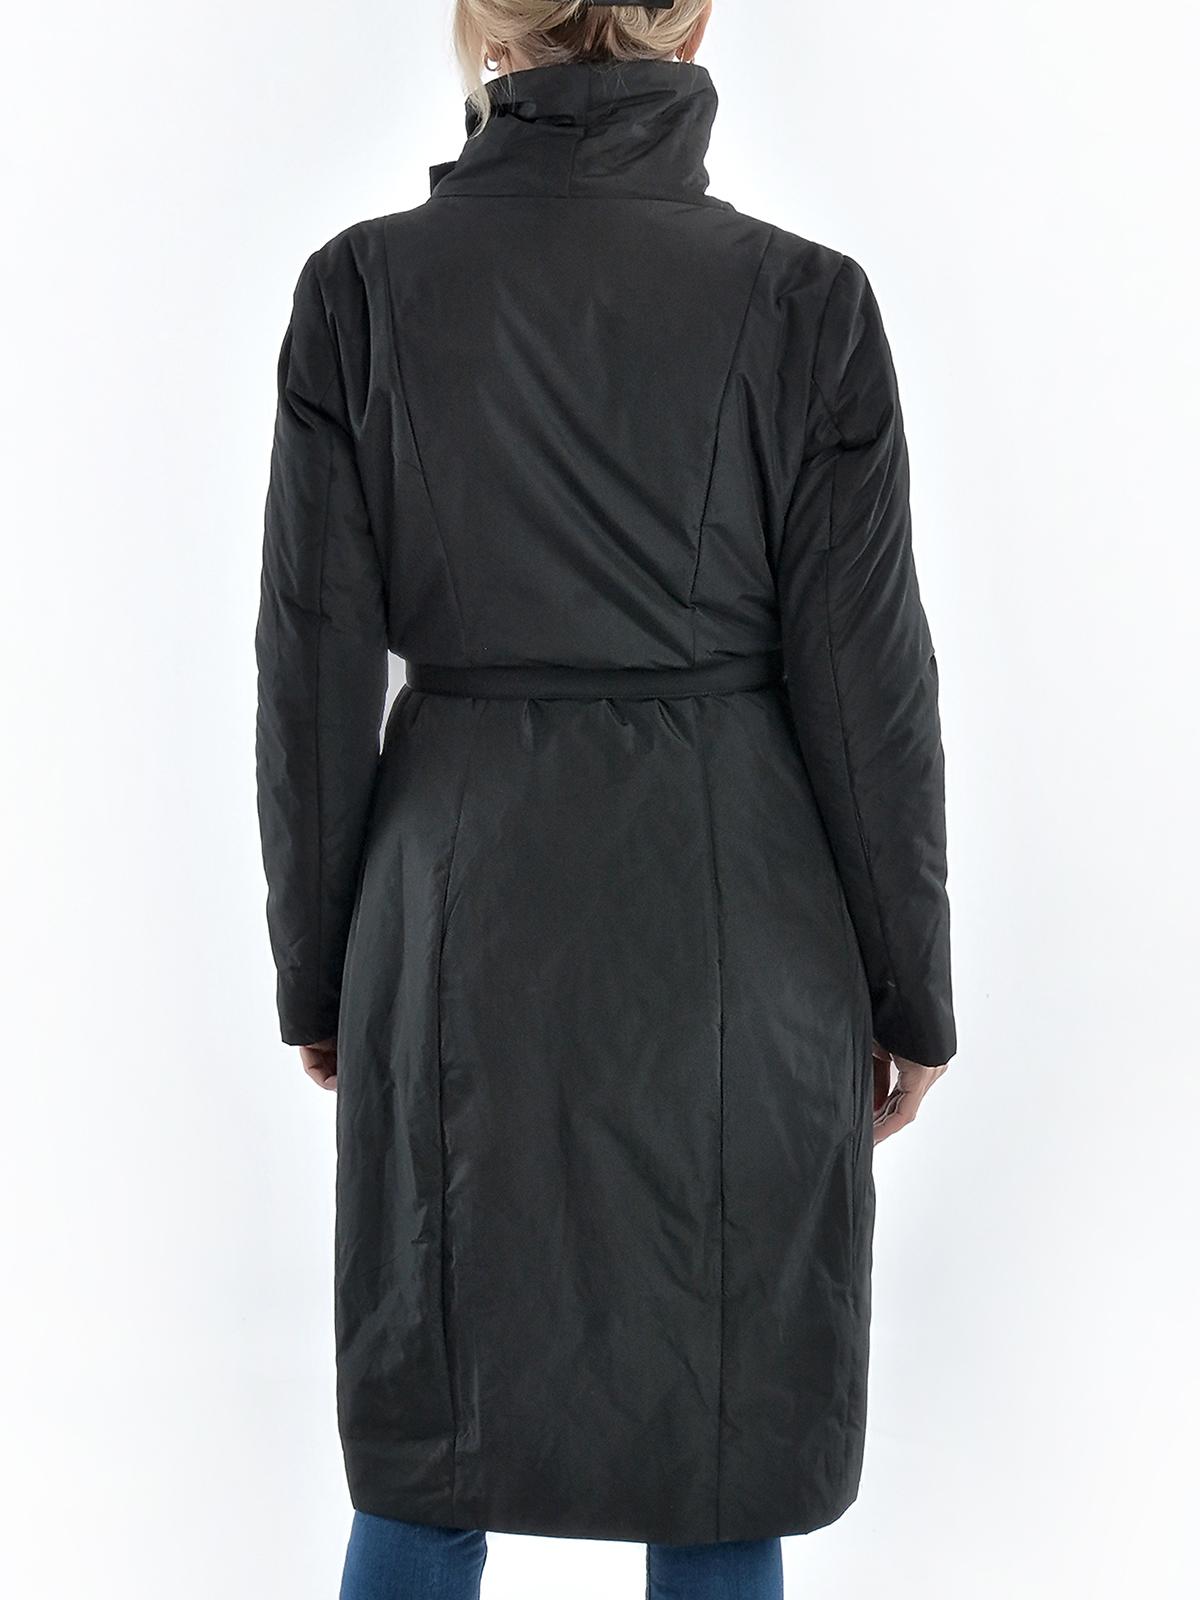 NAPOLI Куртка 373080-023